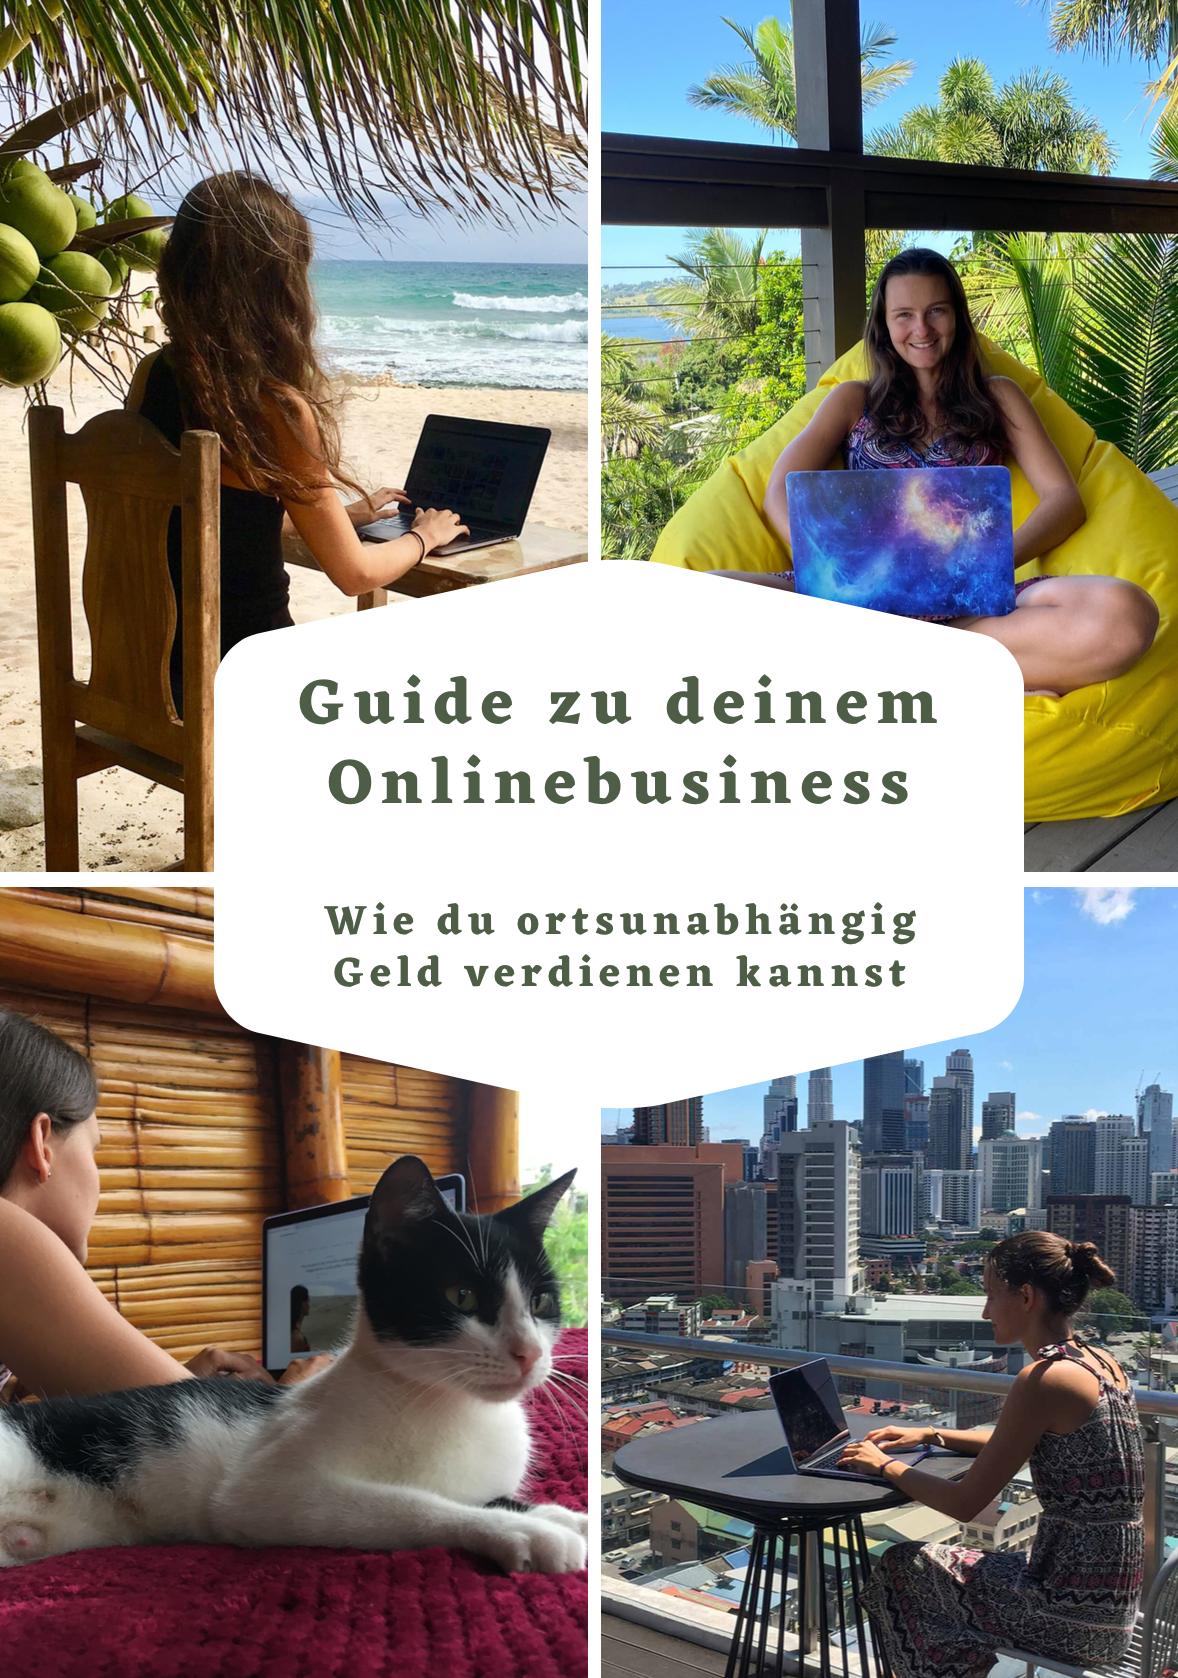 Guide zu deinem Onlinebusiness